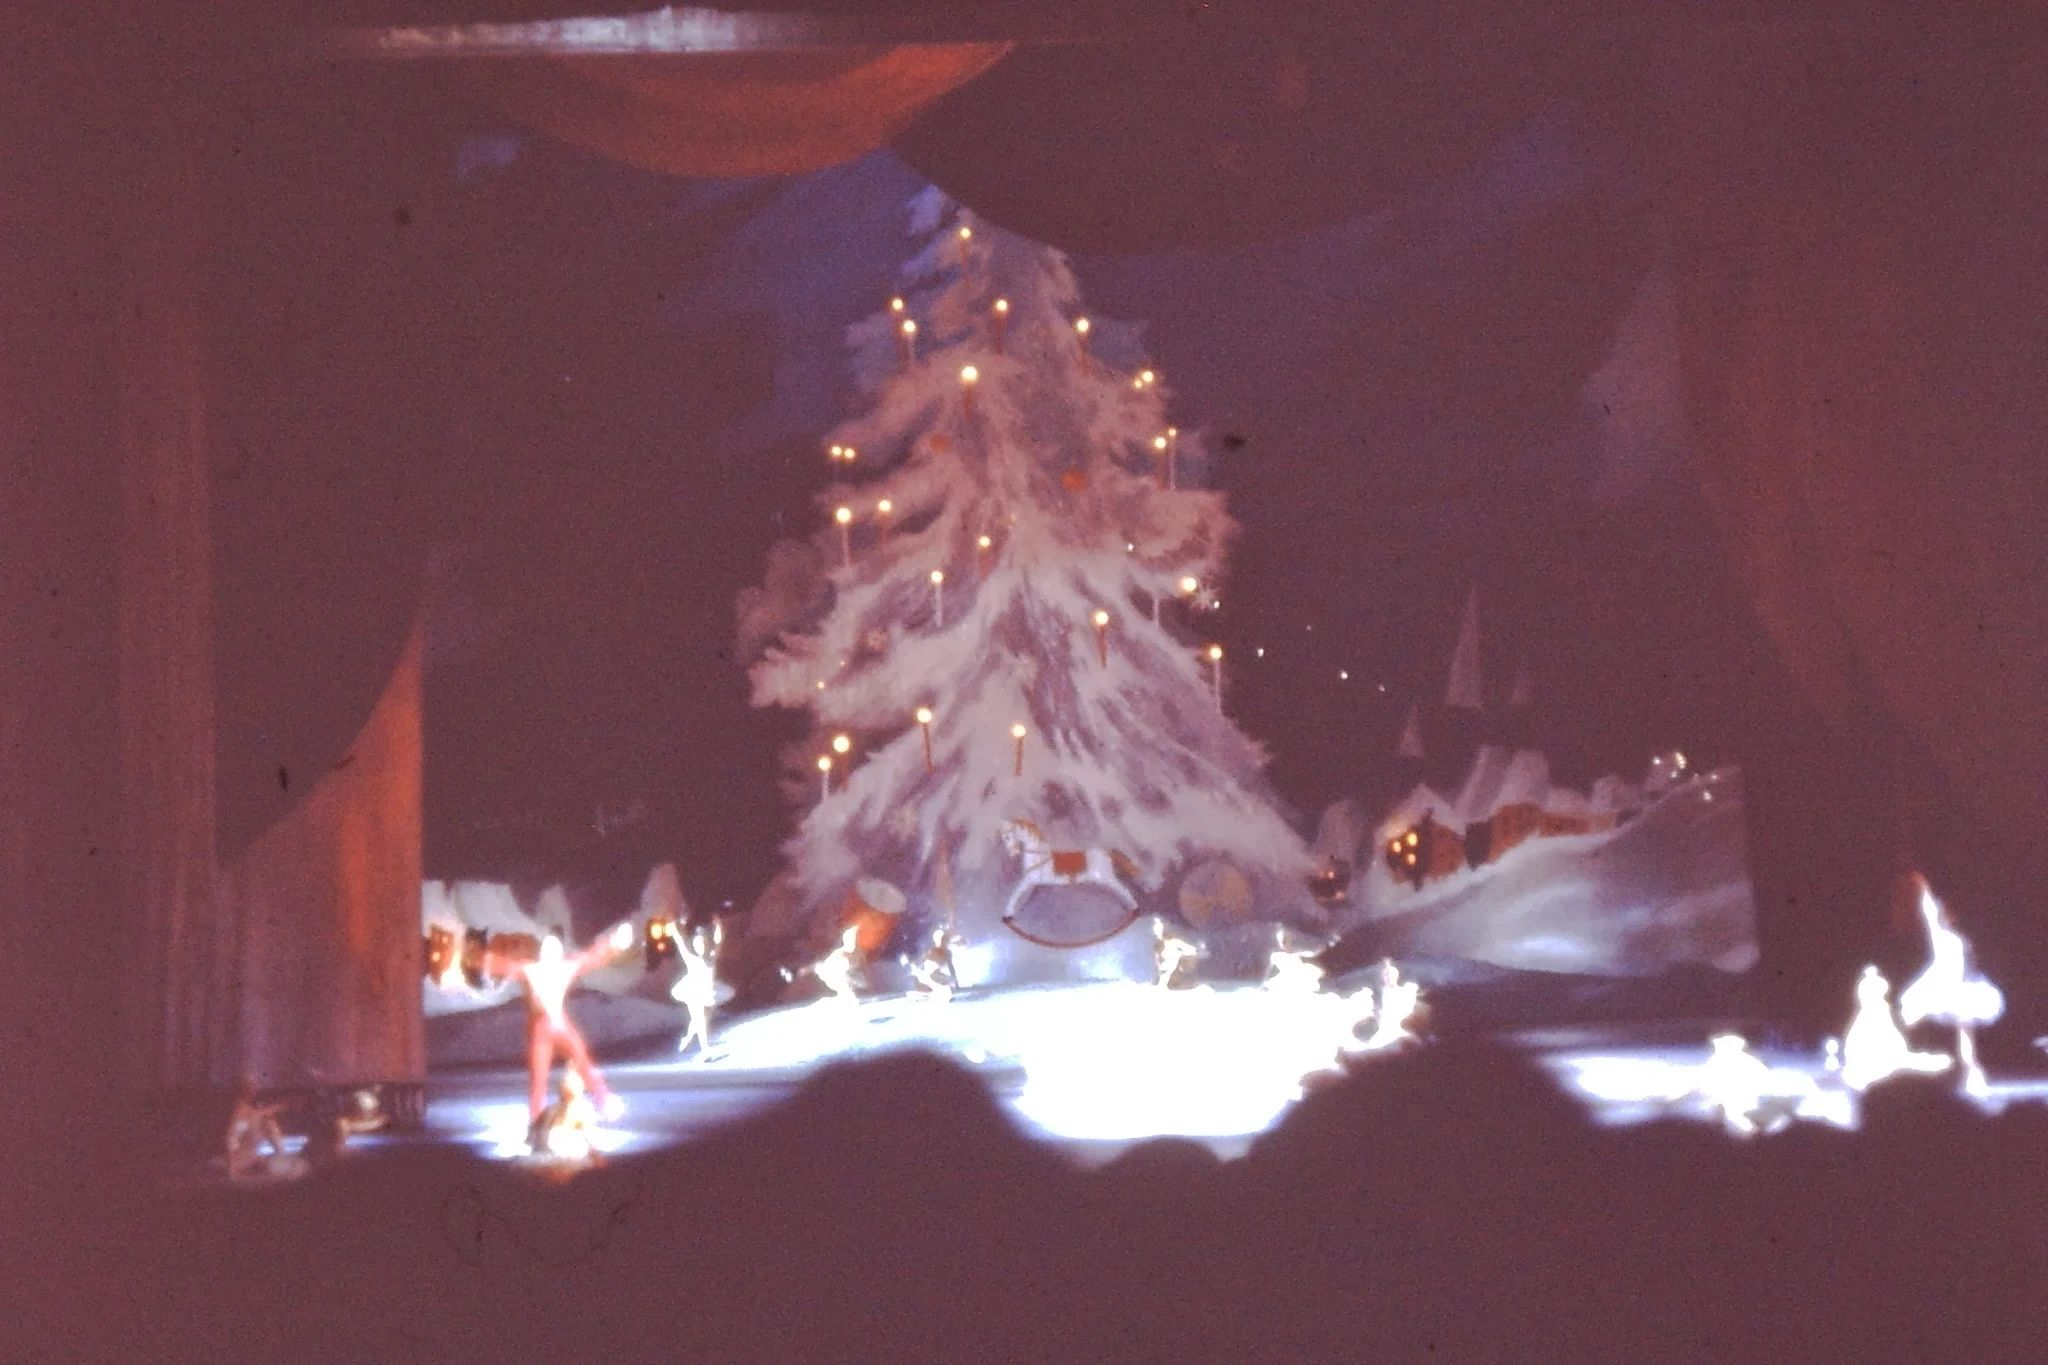 13. Балет «Щелкунчик» Чайковского в Большом театре